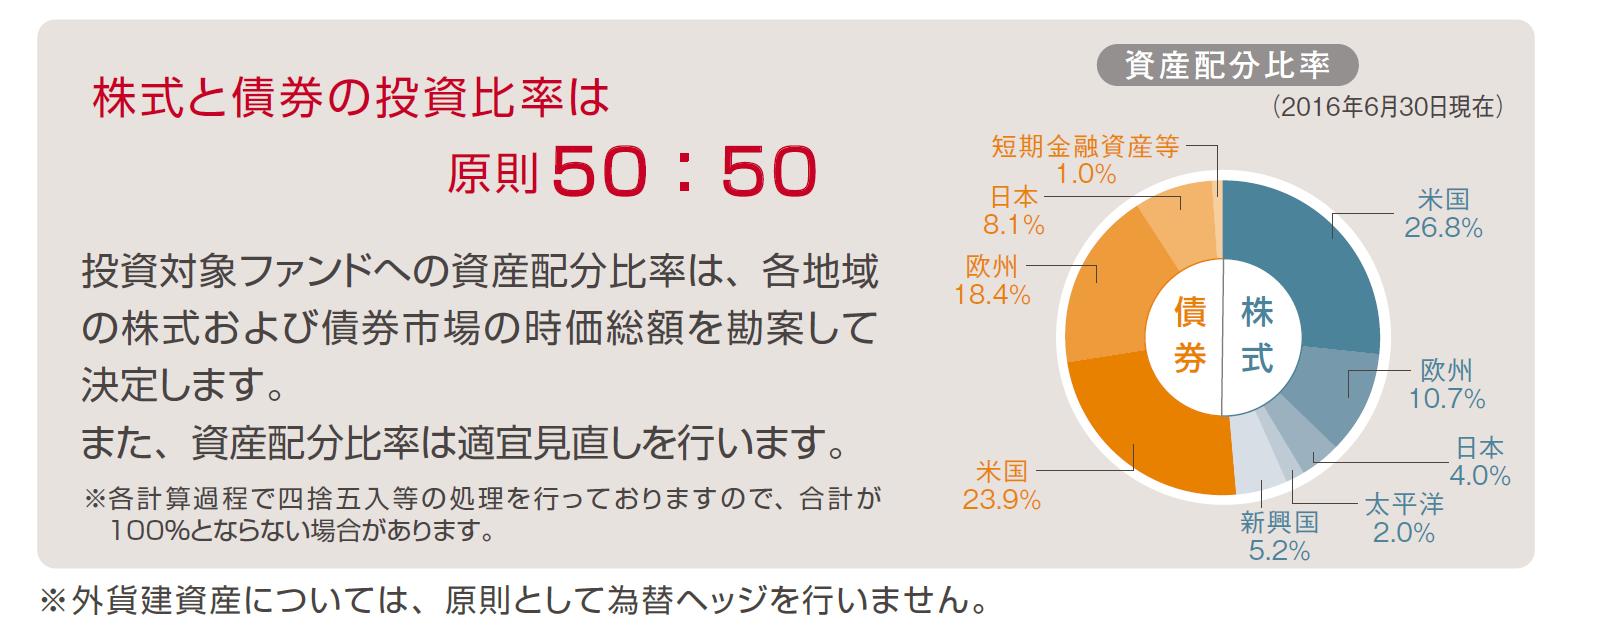 %e3%83%90%e3%83%b3%e3%82%ac%e3%83%bc%e3%83%89%ef%bc%94